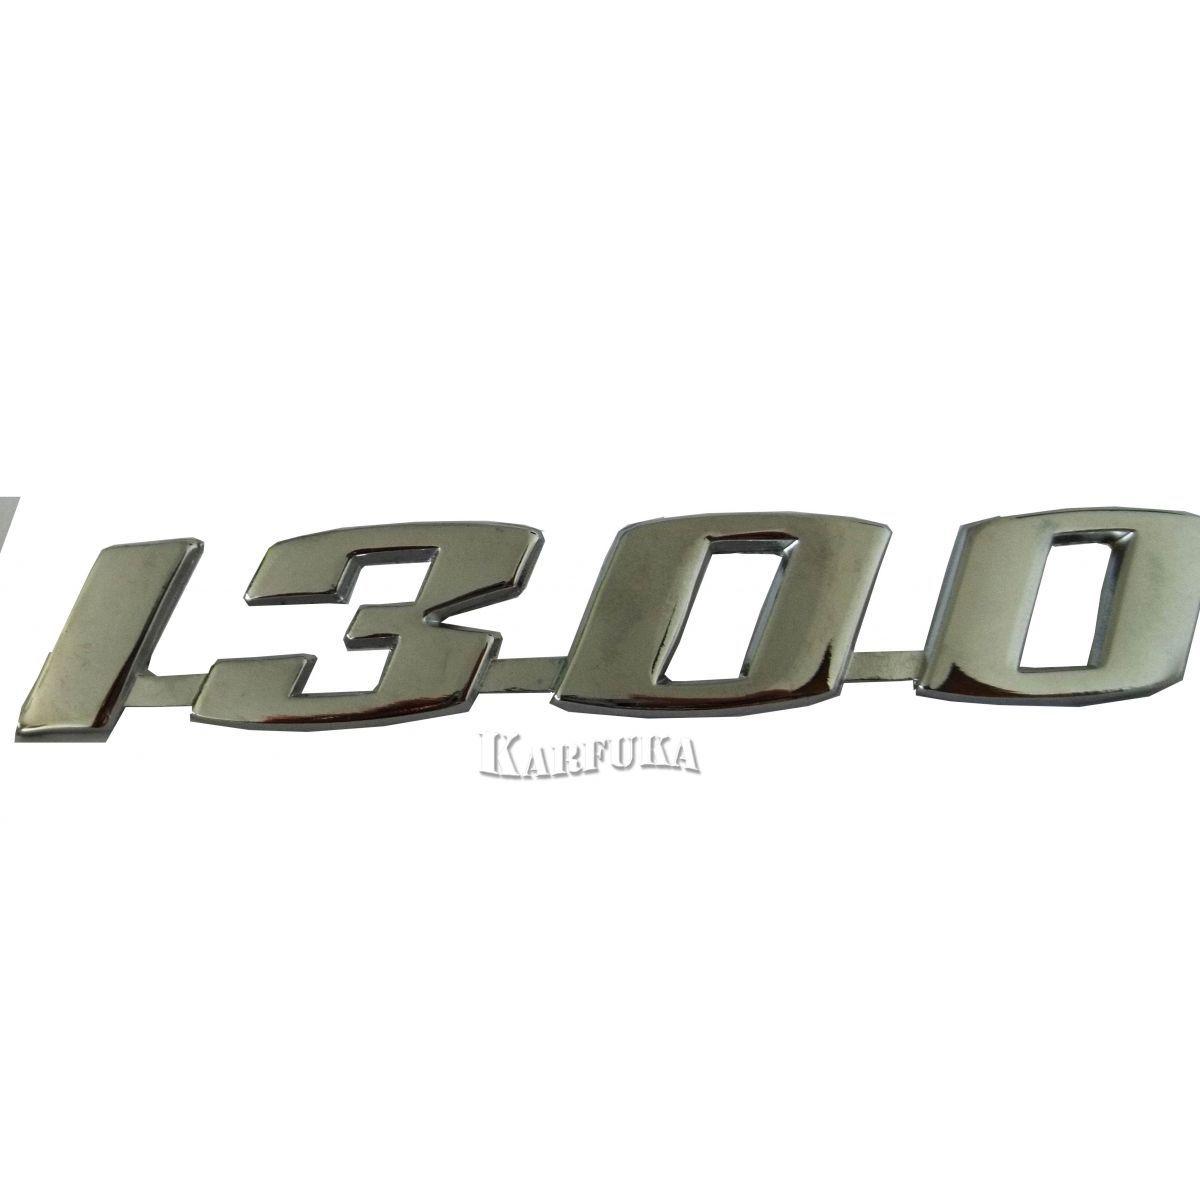 Emblema 1300 para Fusca